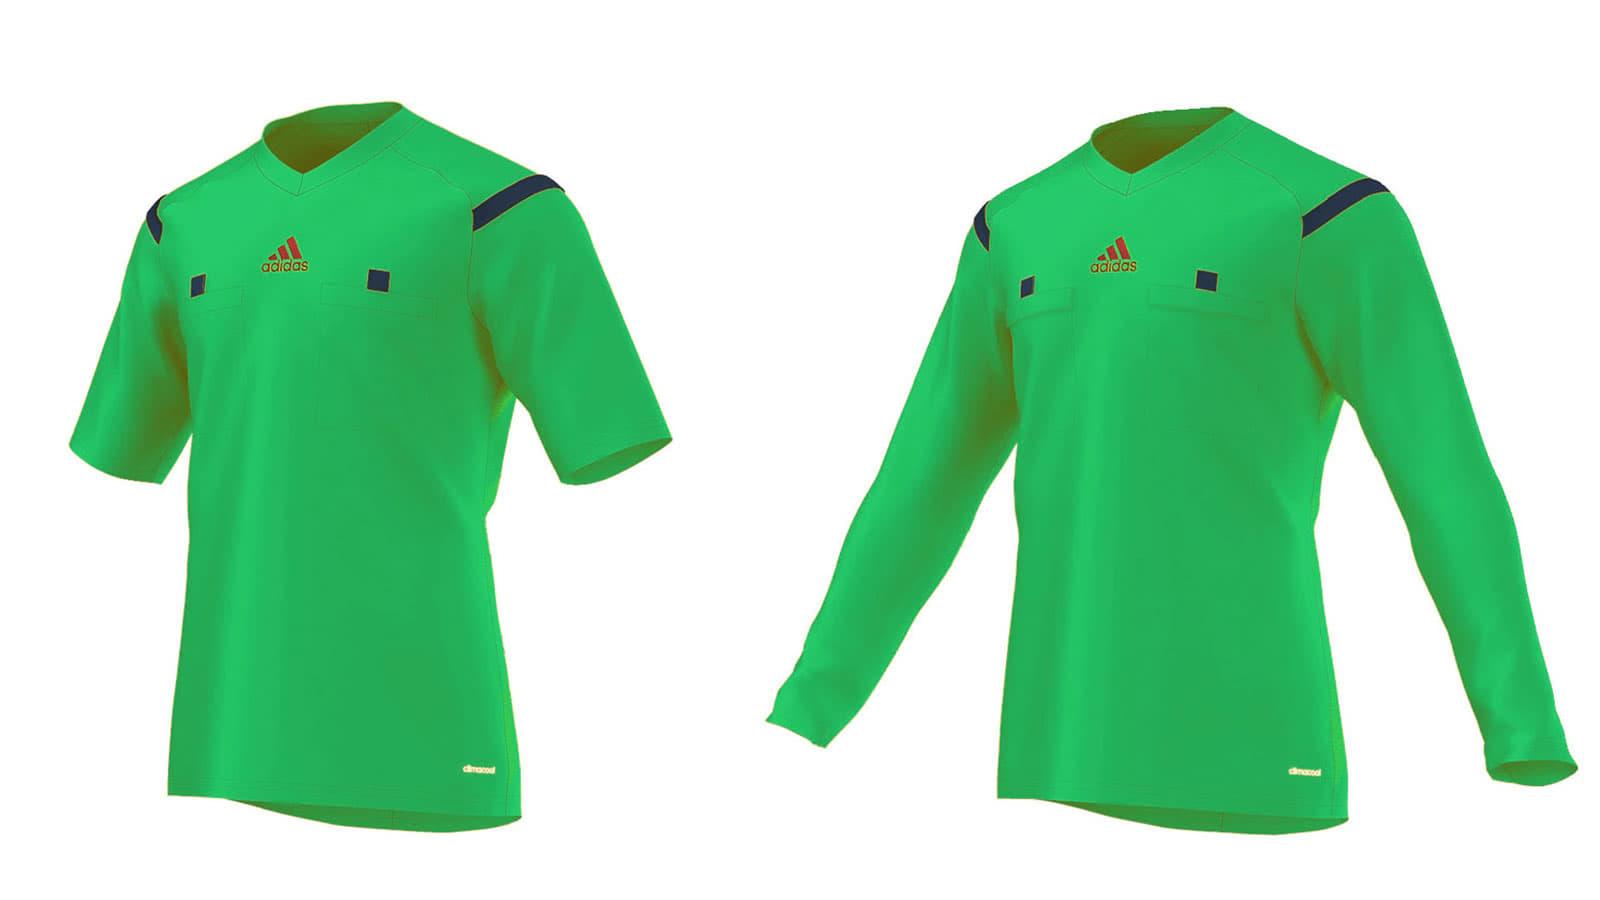 official photos 8d079 0f3cf Adidas Referee 15 Schiedsricher Trikot in grün ...